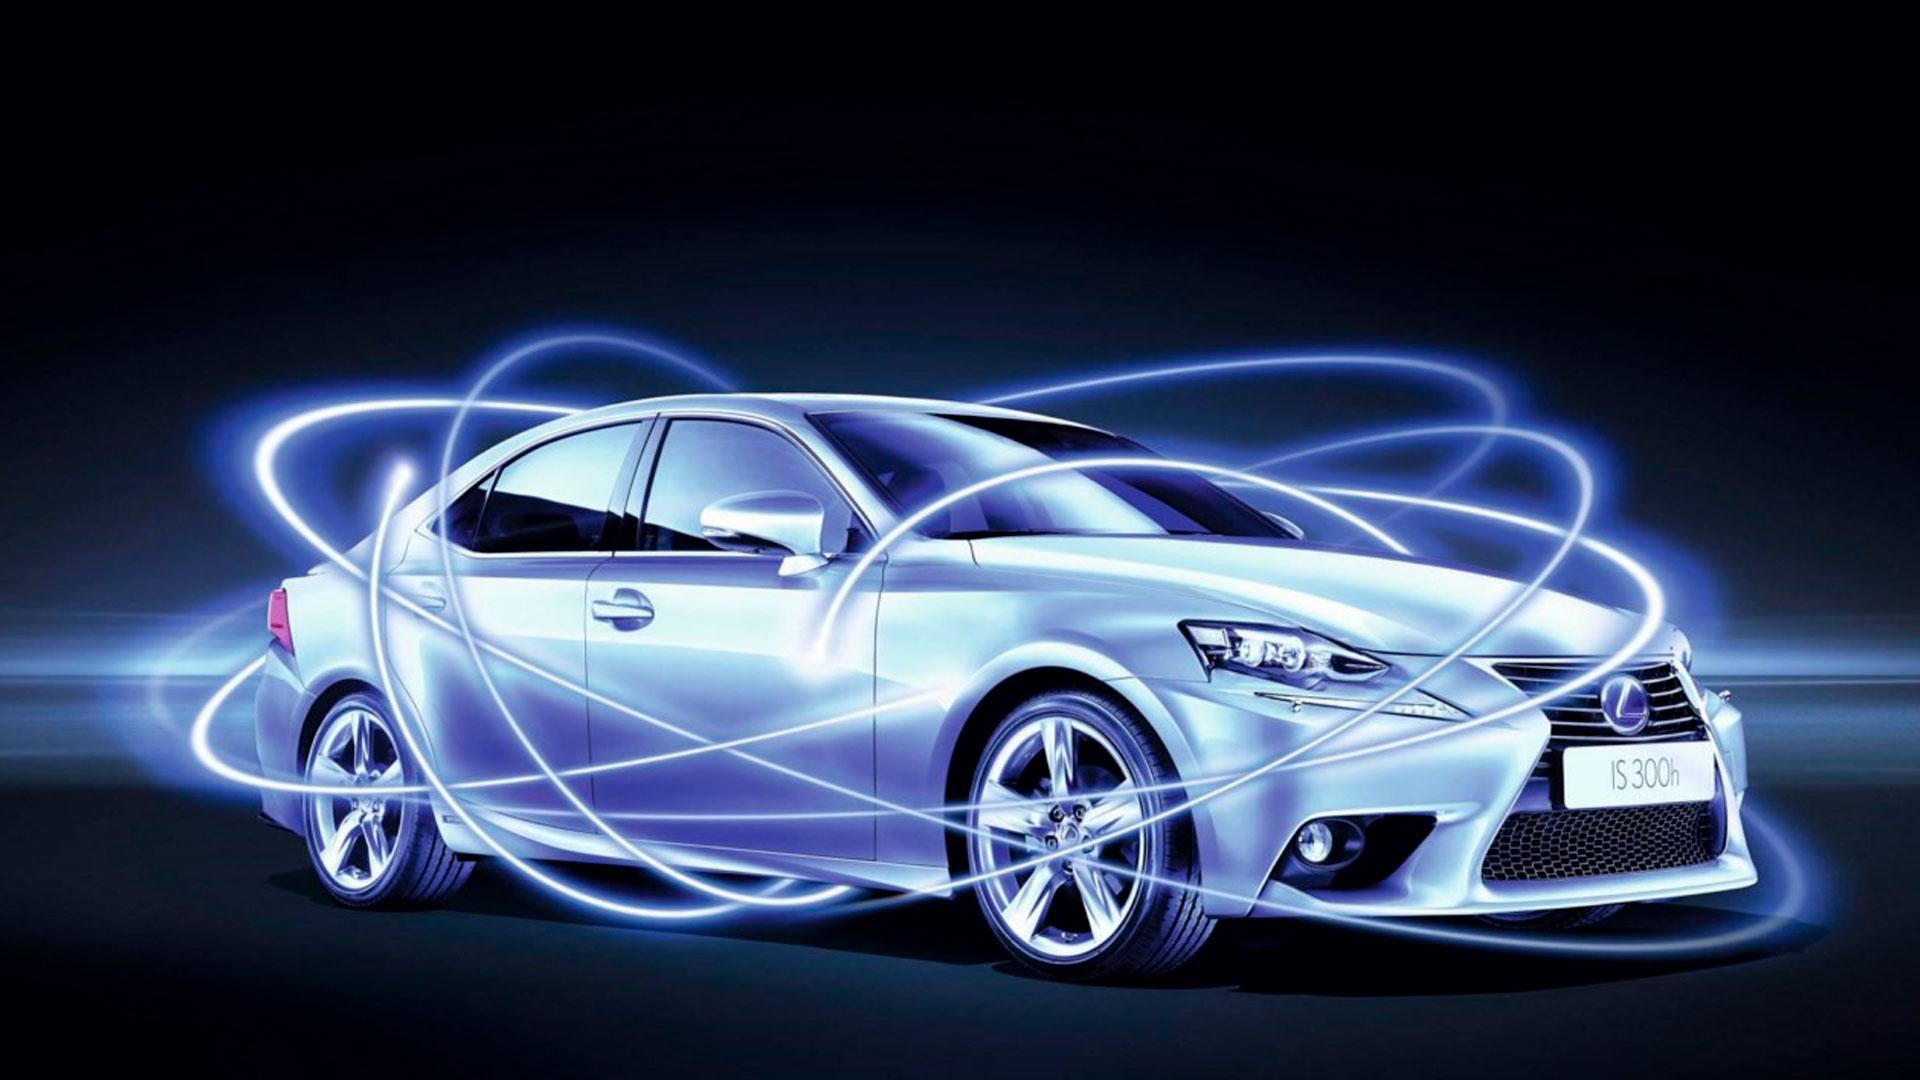 Lexus higienizará sus vehículos con ozono hero asset